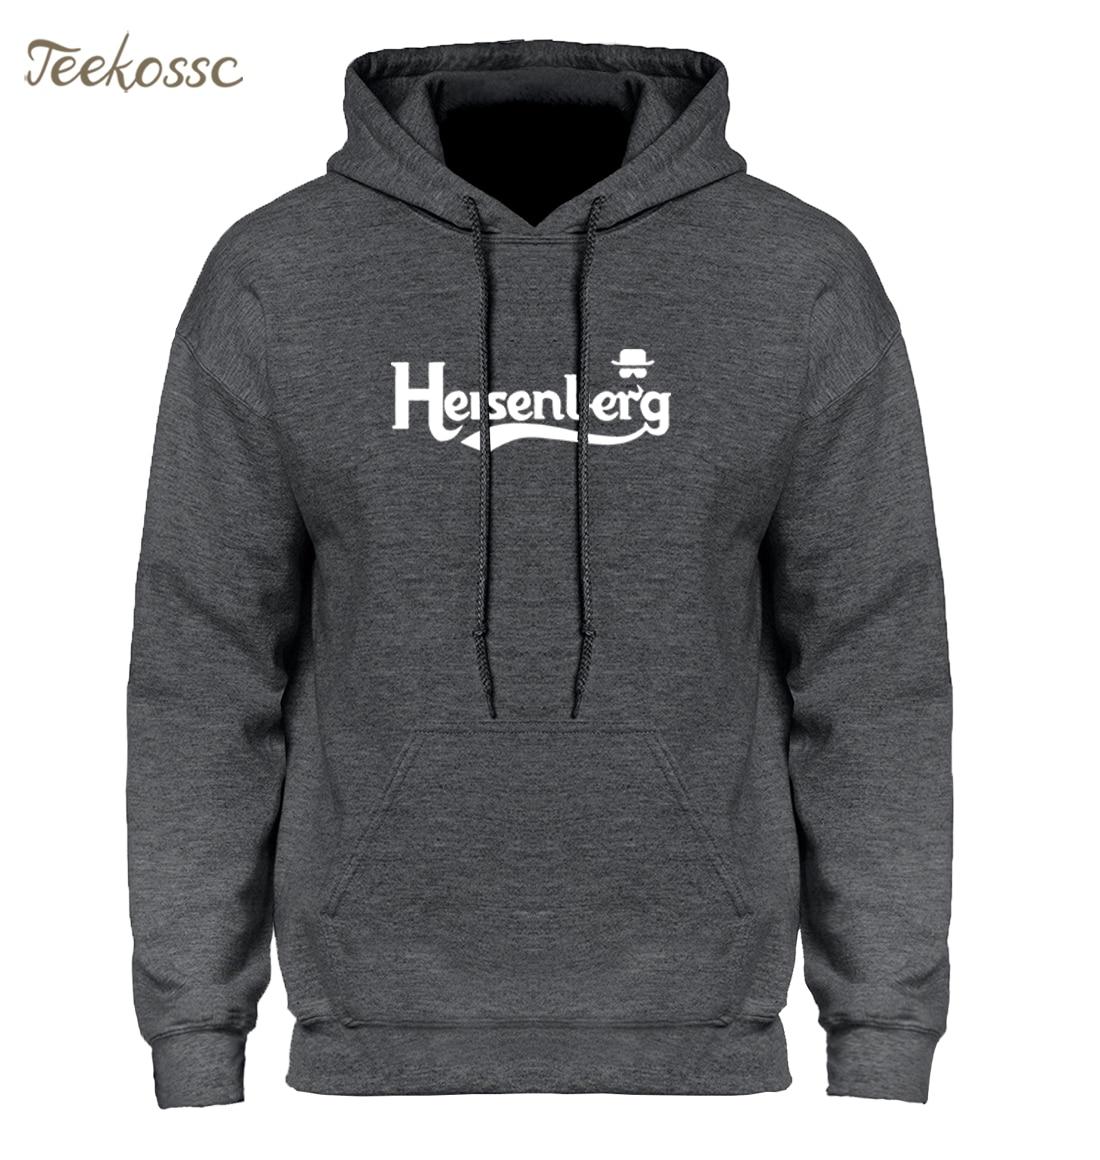 Breaking Bad Heisenberg Hoodie Men Clothes 2018 Winter Autumn Mens Hoodies Sweatshirt Dark Gray Black White Fleece Warm Hoody